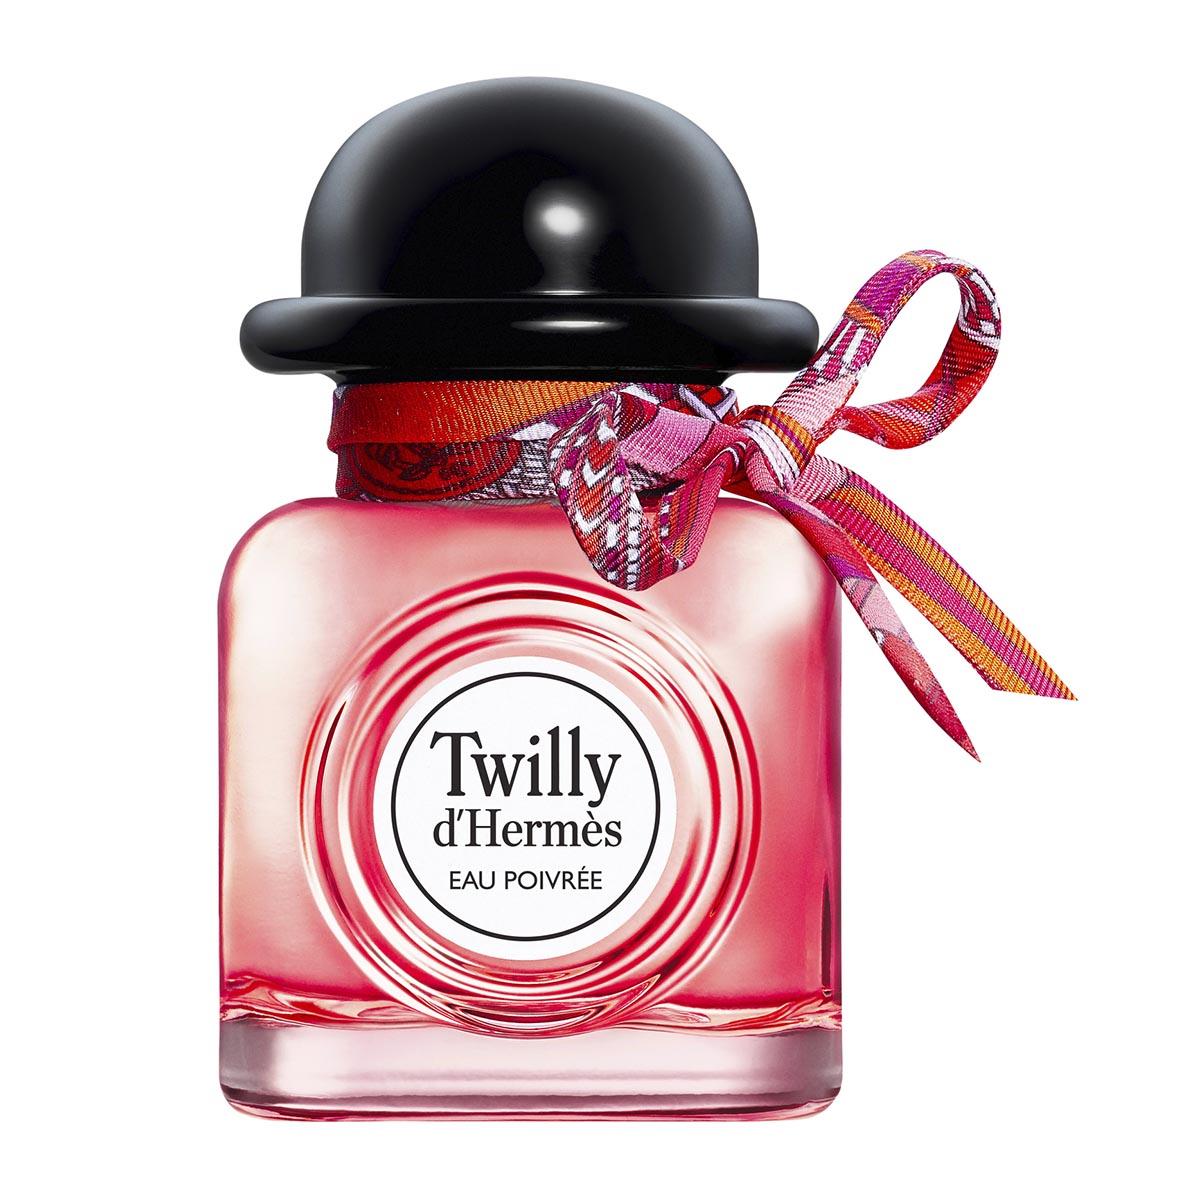 Hermes twilly d hermes eau poivree eau de parfum 50ml vaporizador